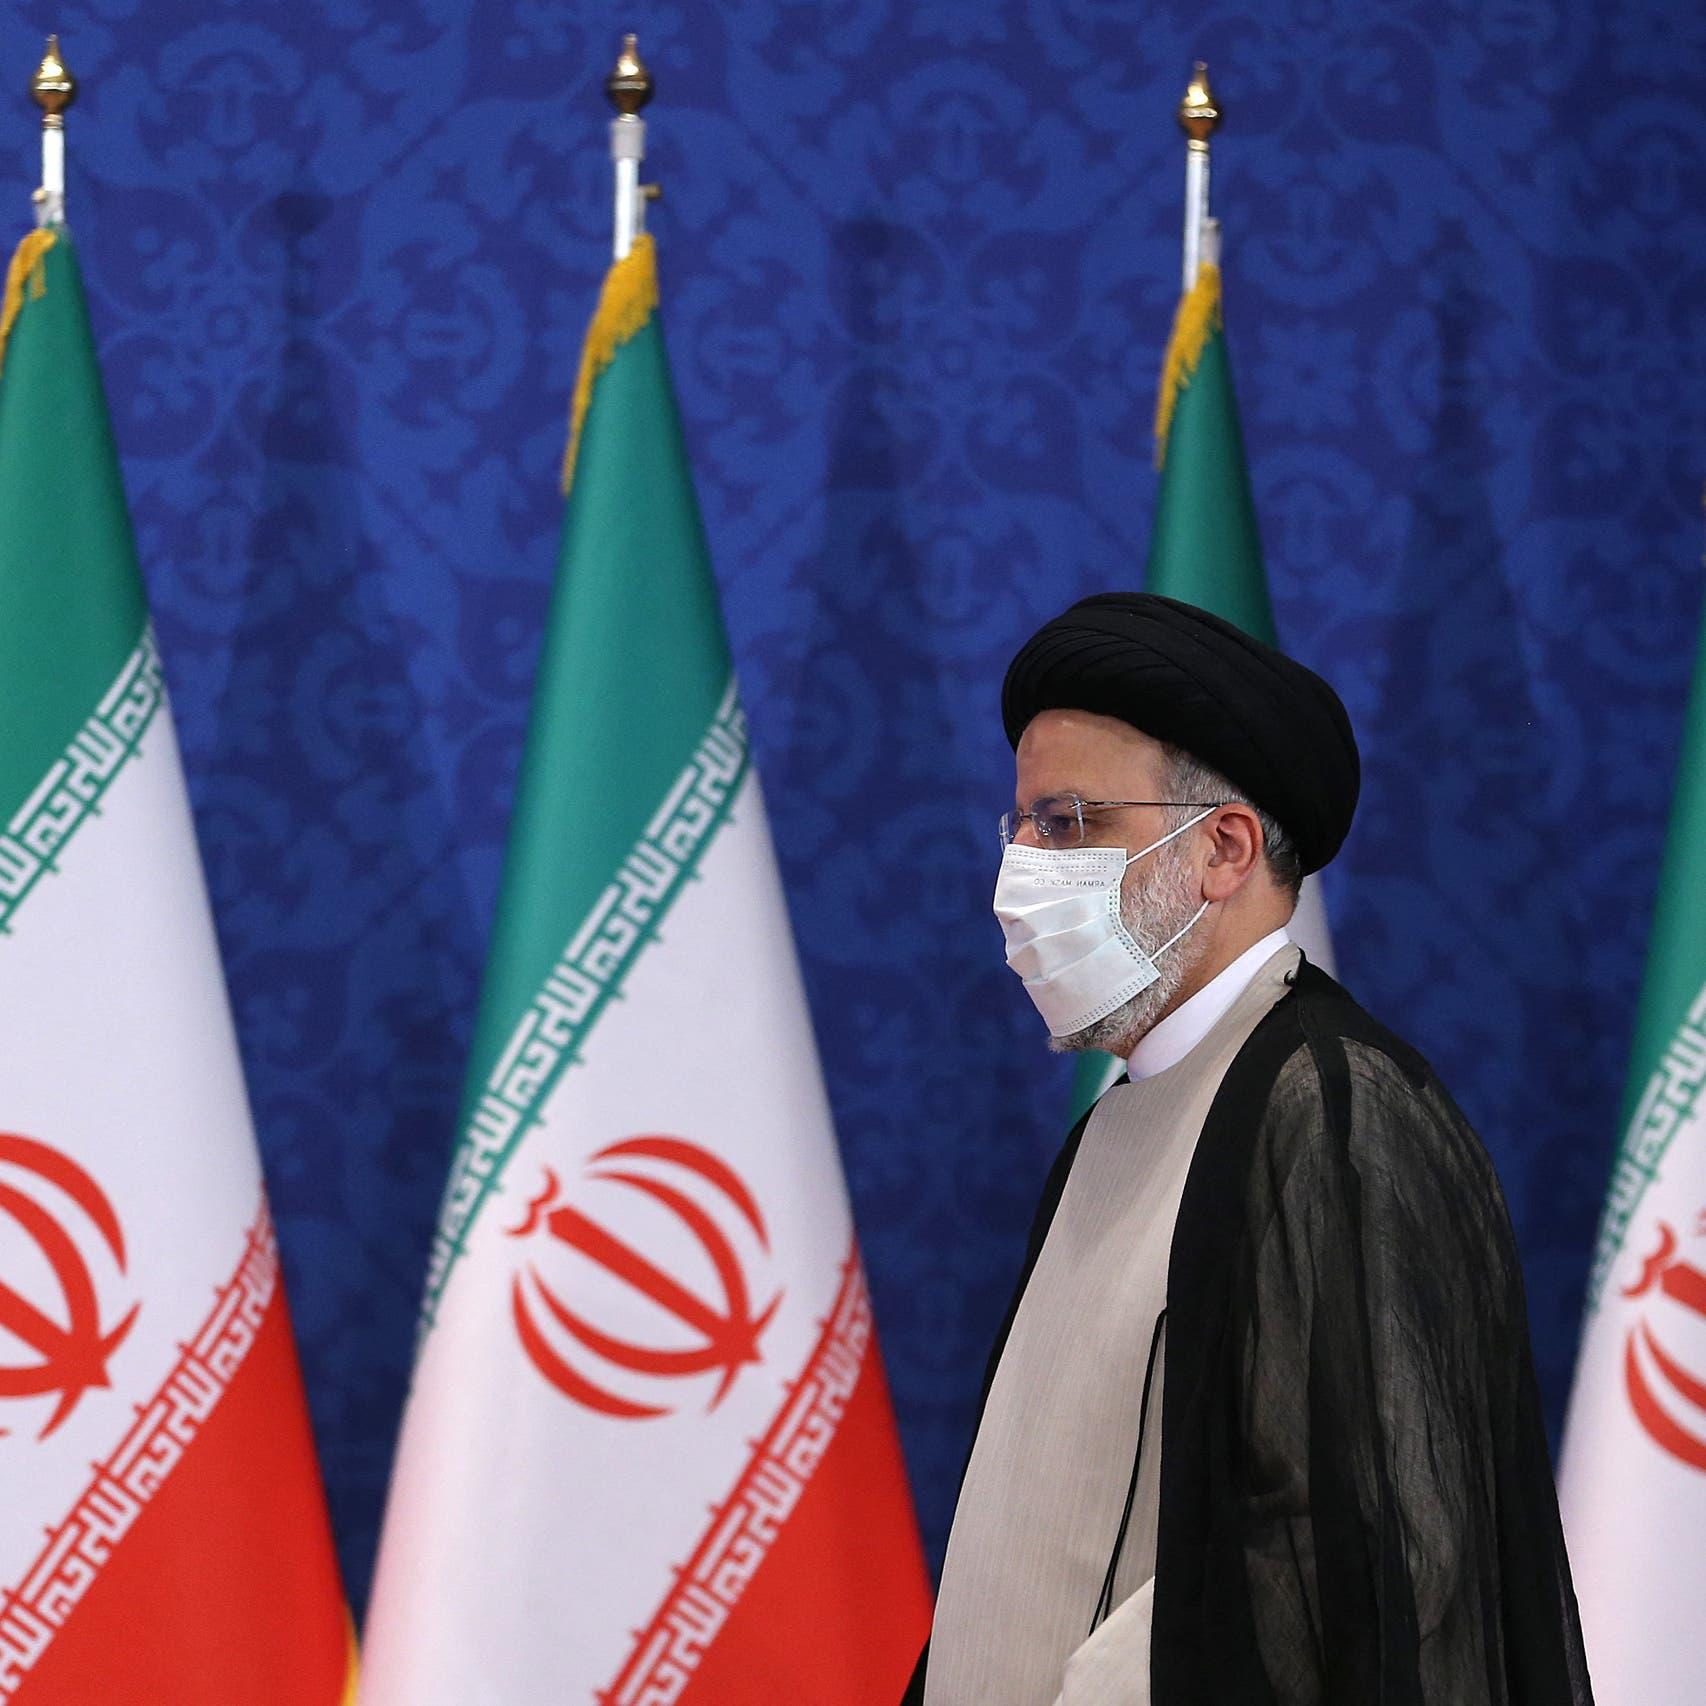 """""""انتخابات مصطنعة"""".. واشنطن تحذر رئيس إيران من انتهاك حقوق الإنسان"""